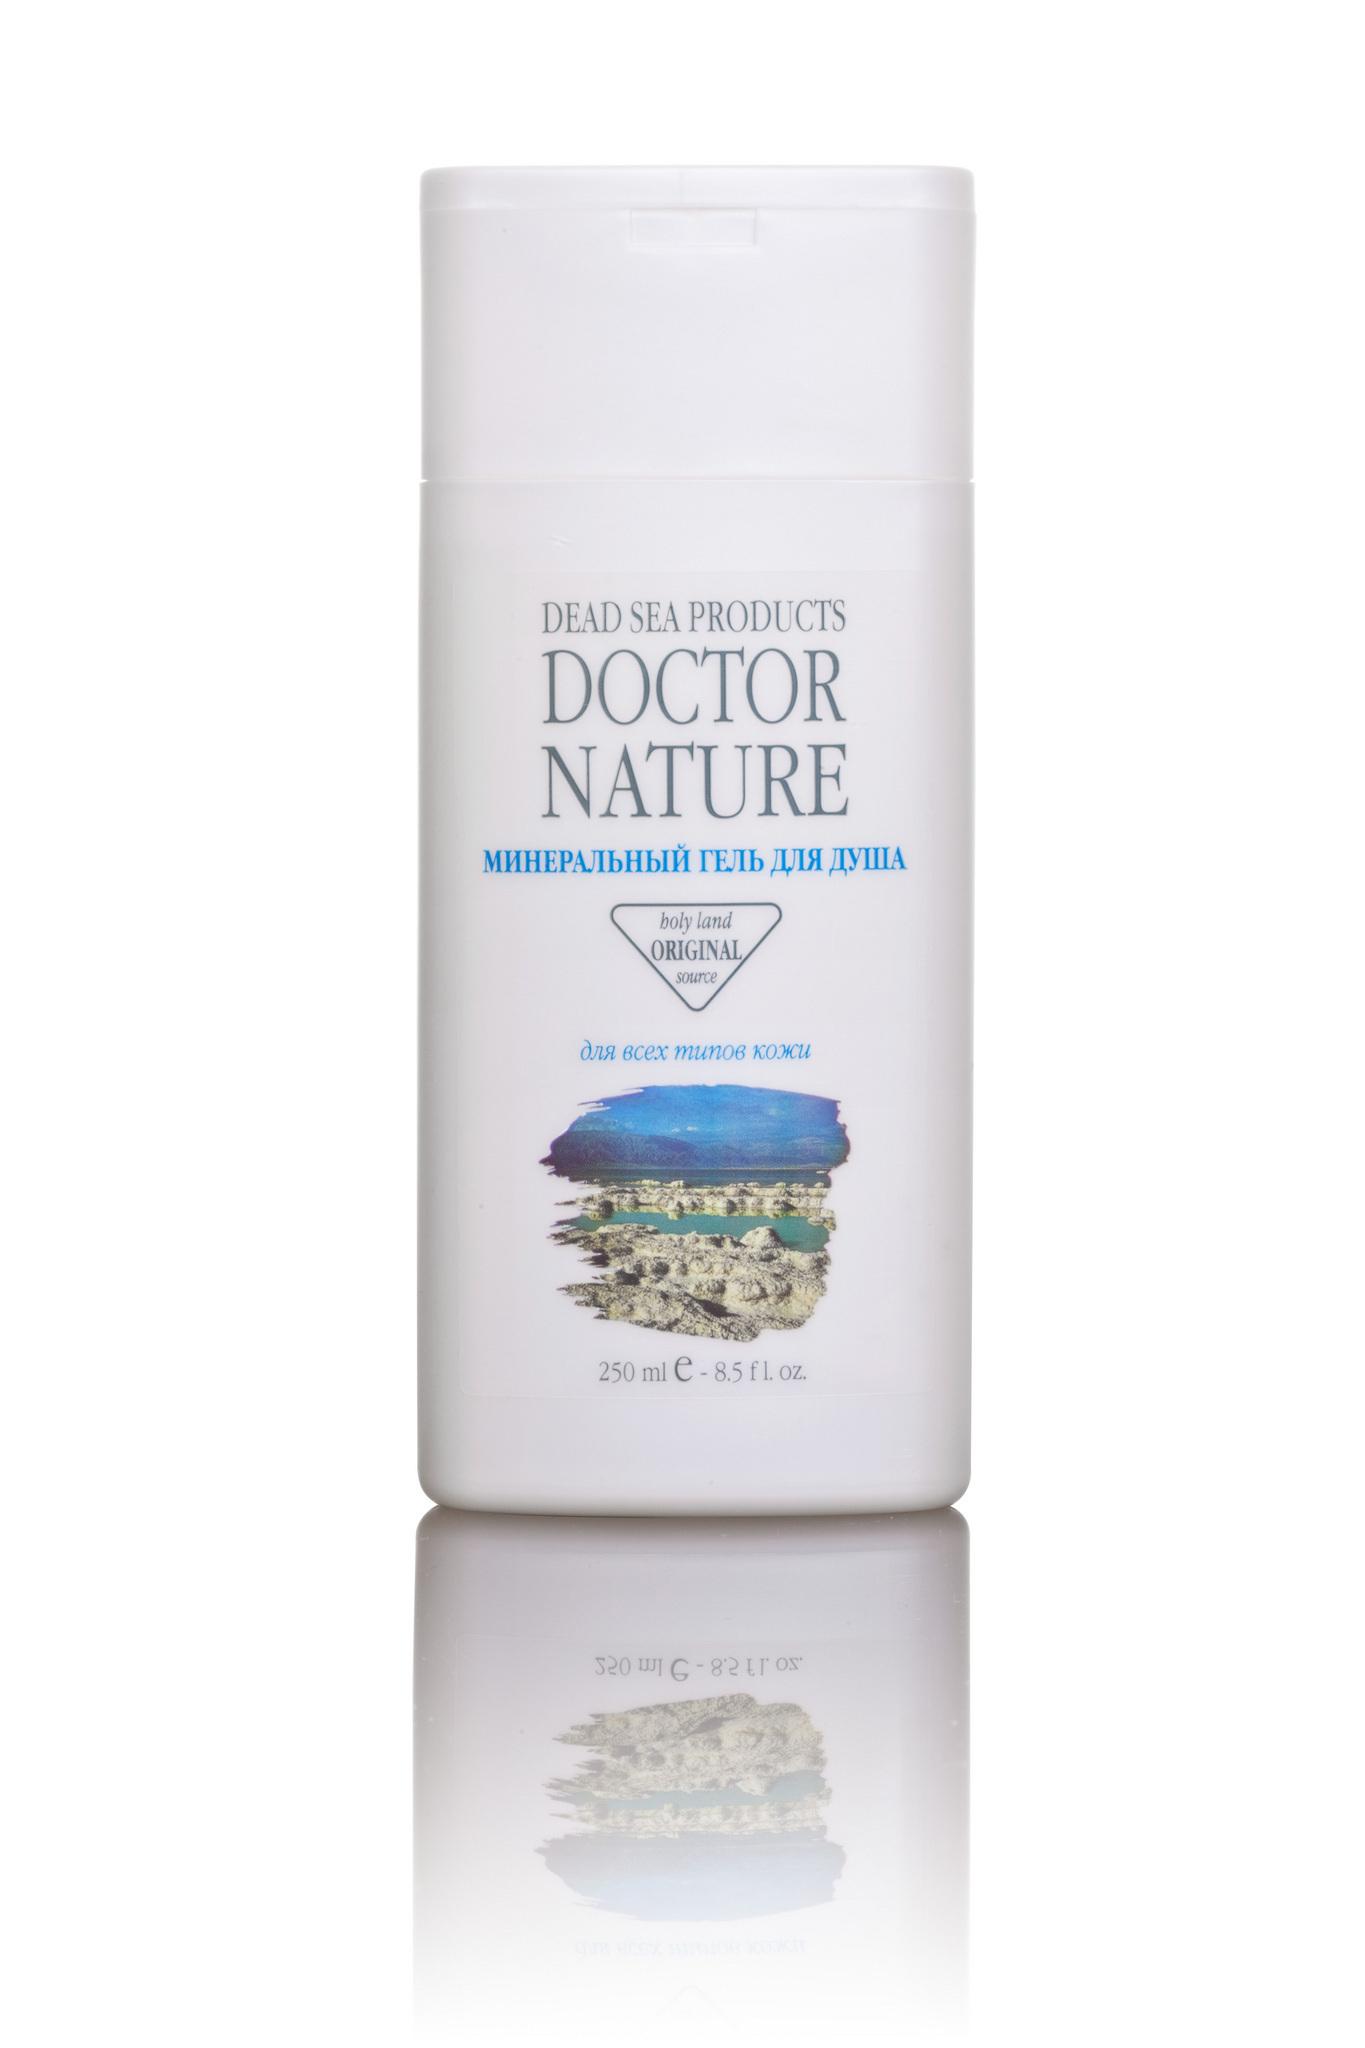 Doctor Nature минеральный гель д/душа 250 мл.